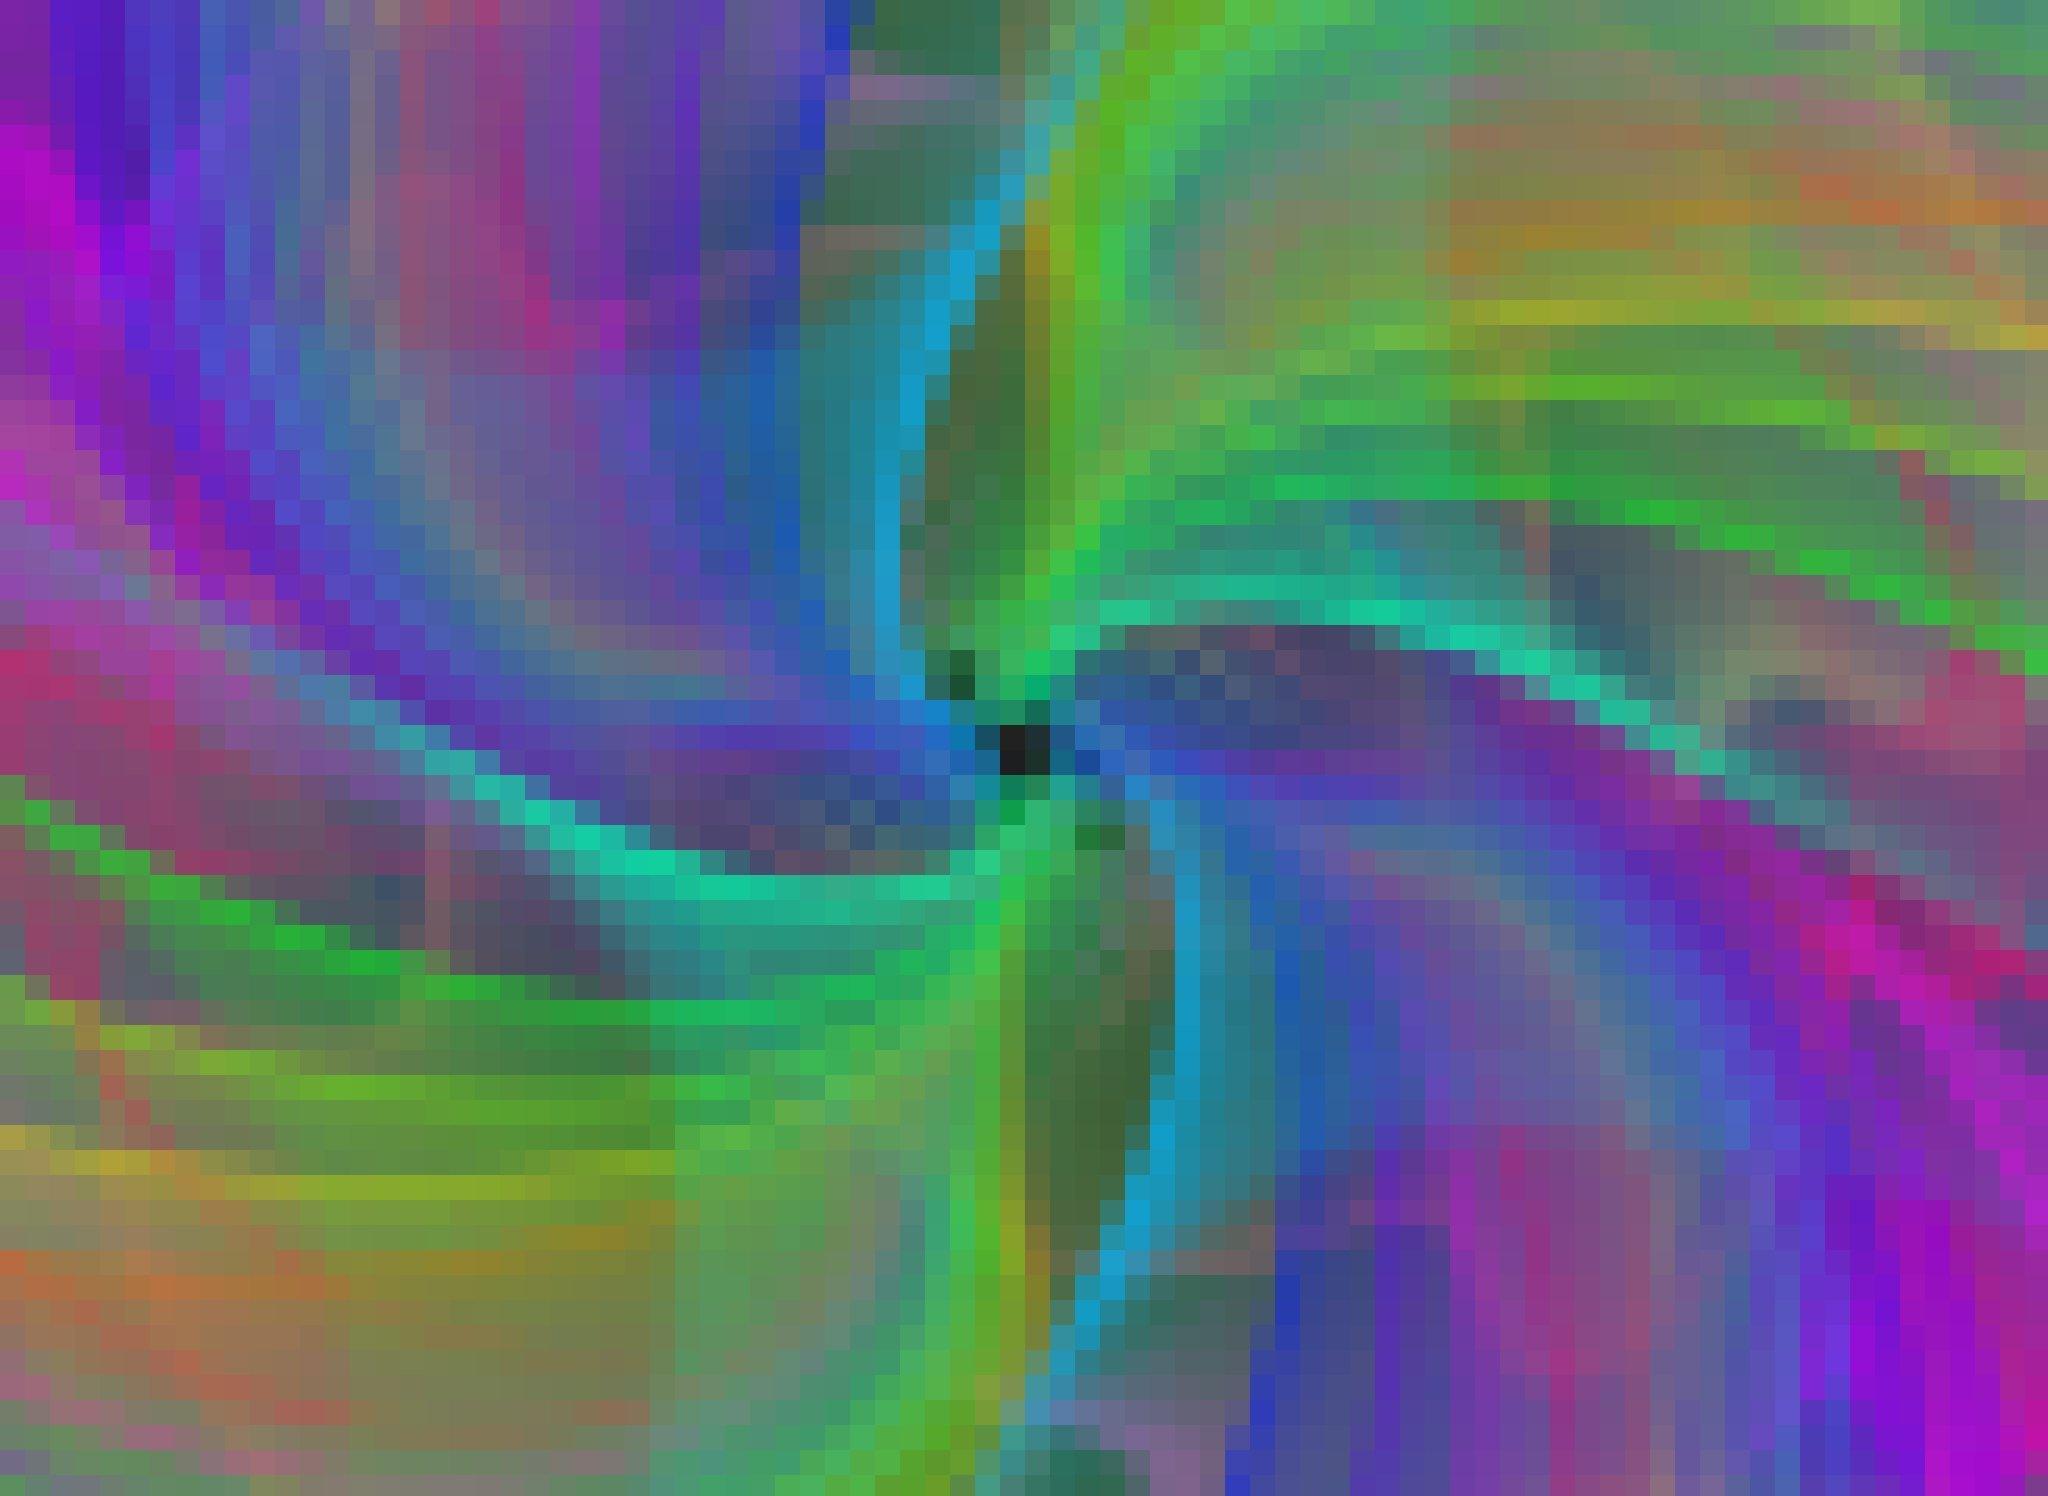 Simulation und graphische Darstellung vom Verschmelzen zweier Schwarzer Löcher und der dadurch ausgelösten Gravitationswellen